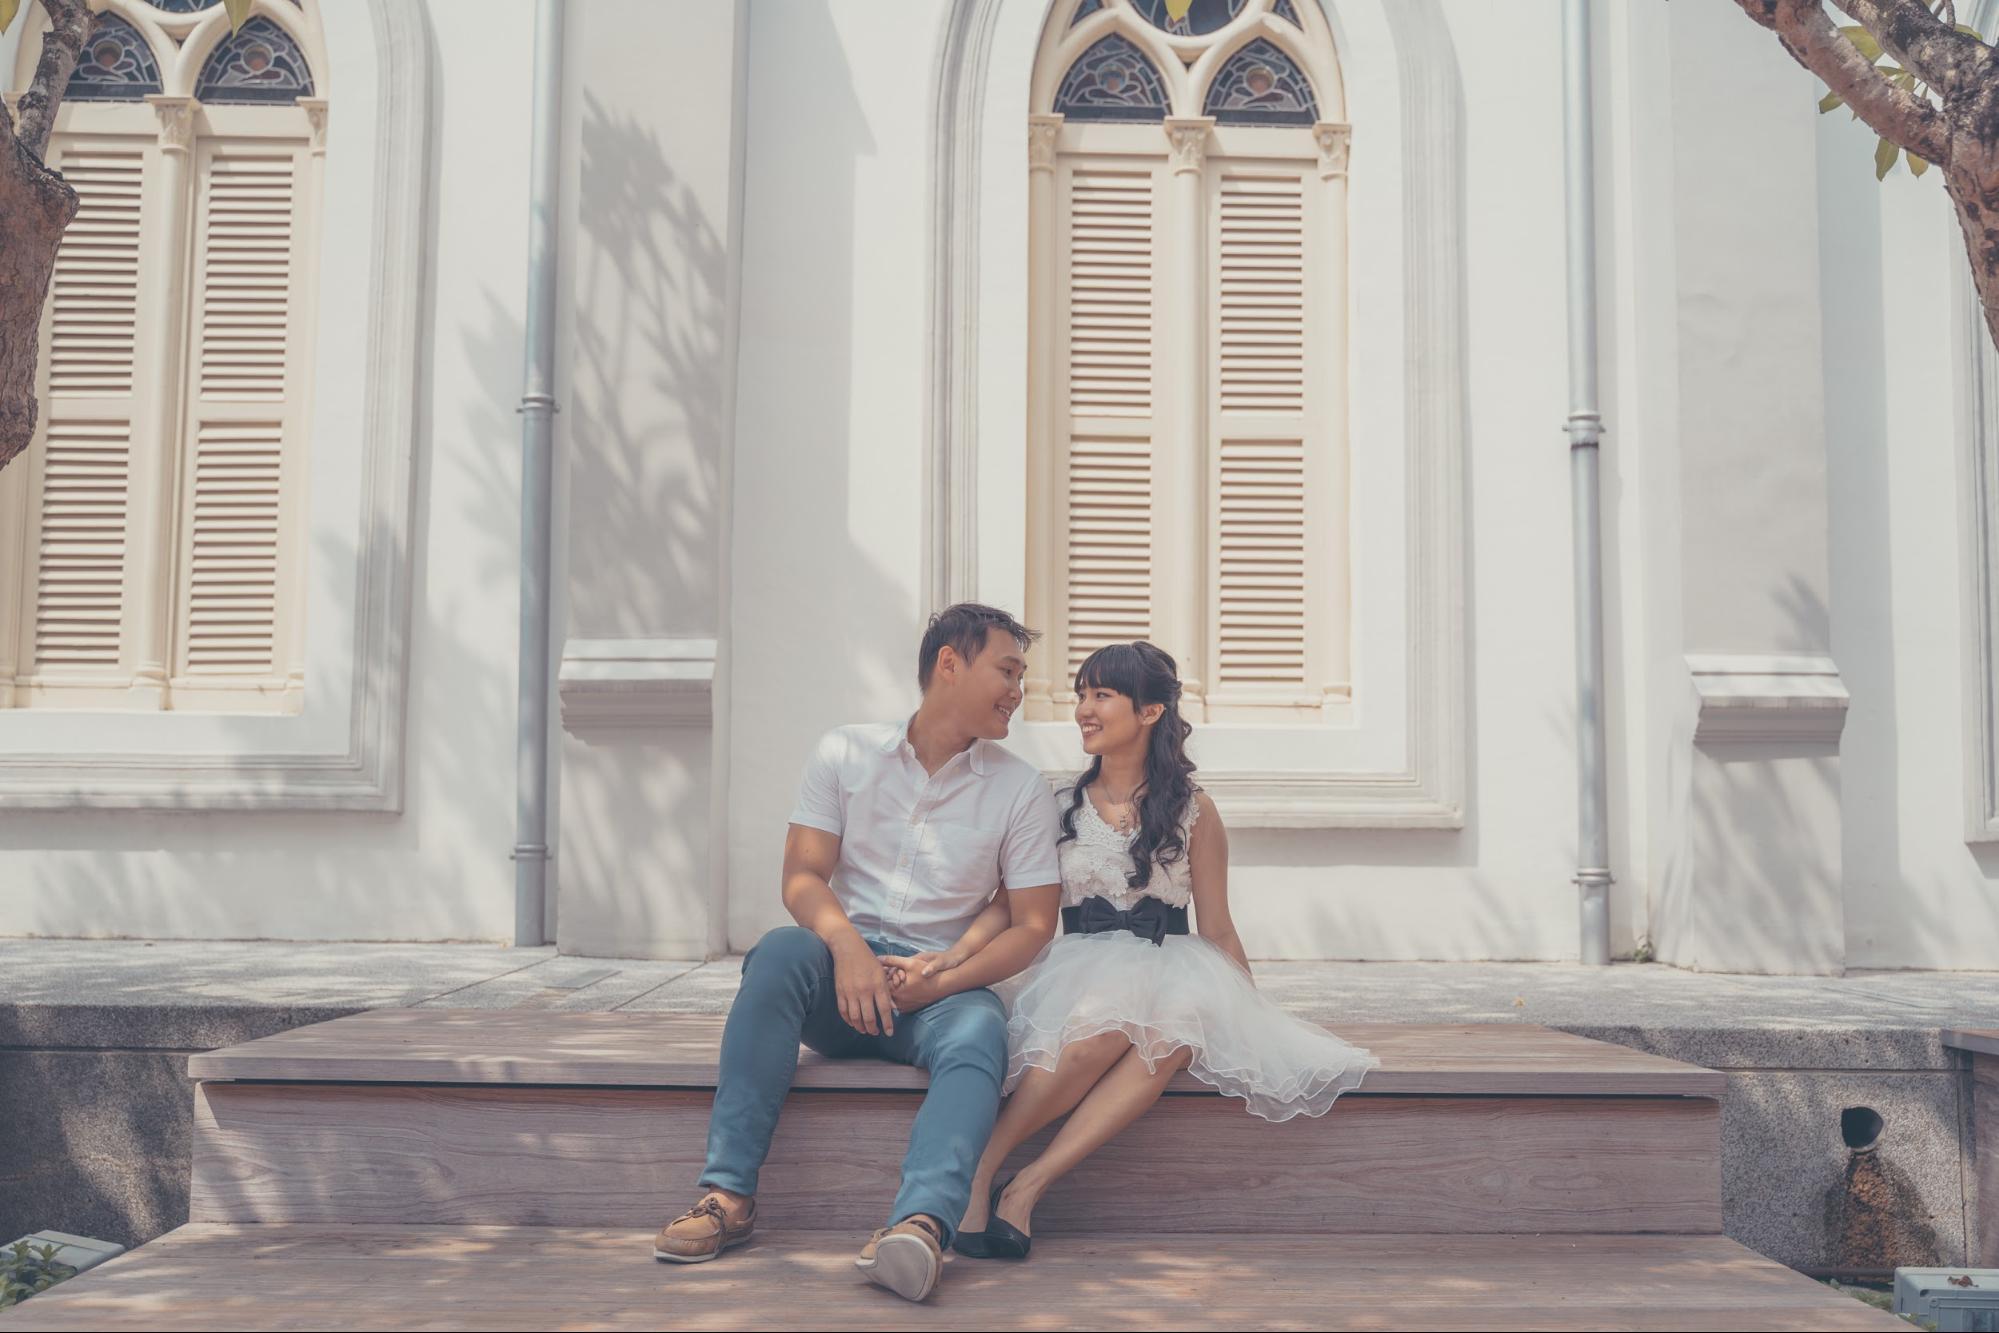 Pre-wedding photoshoot tips